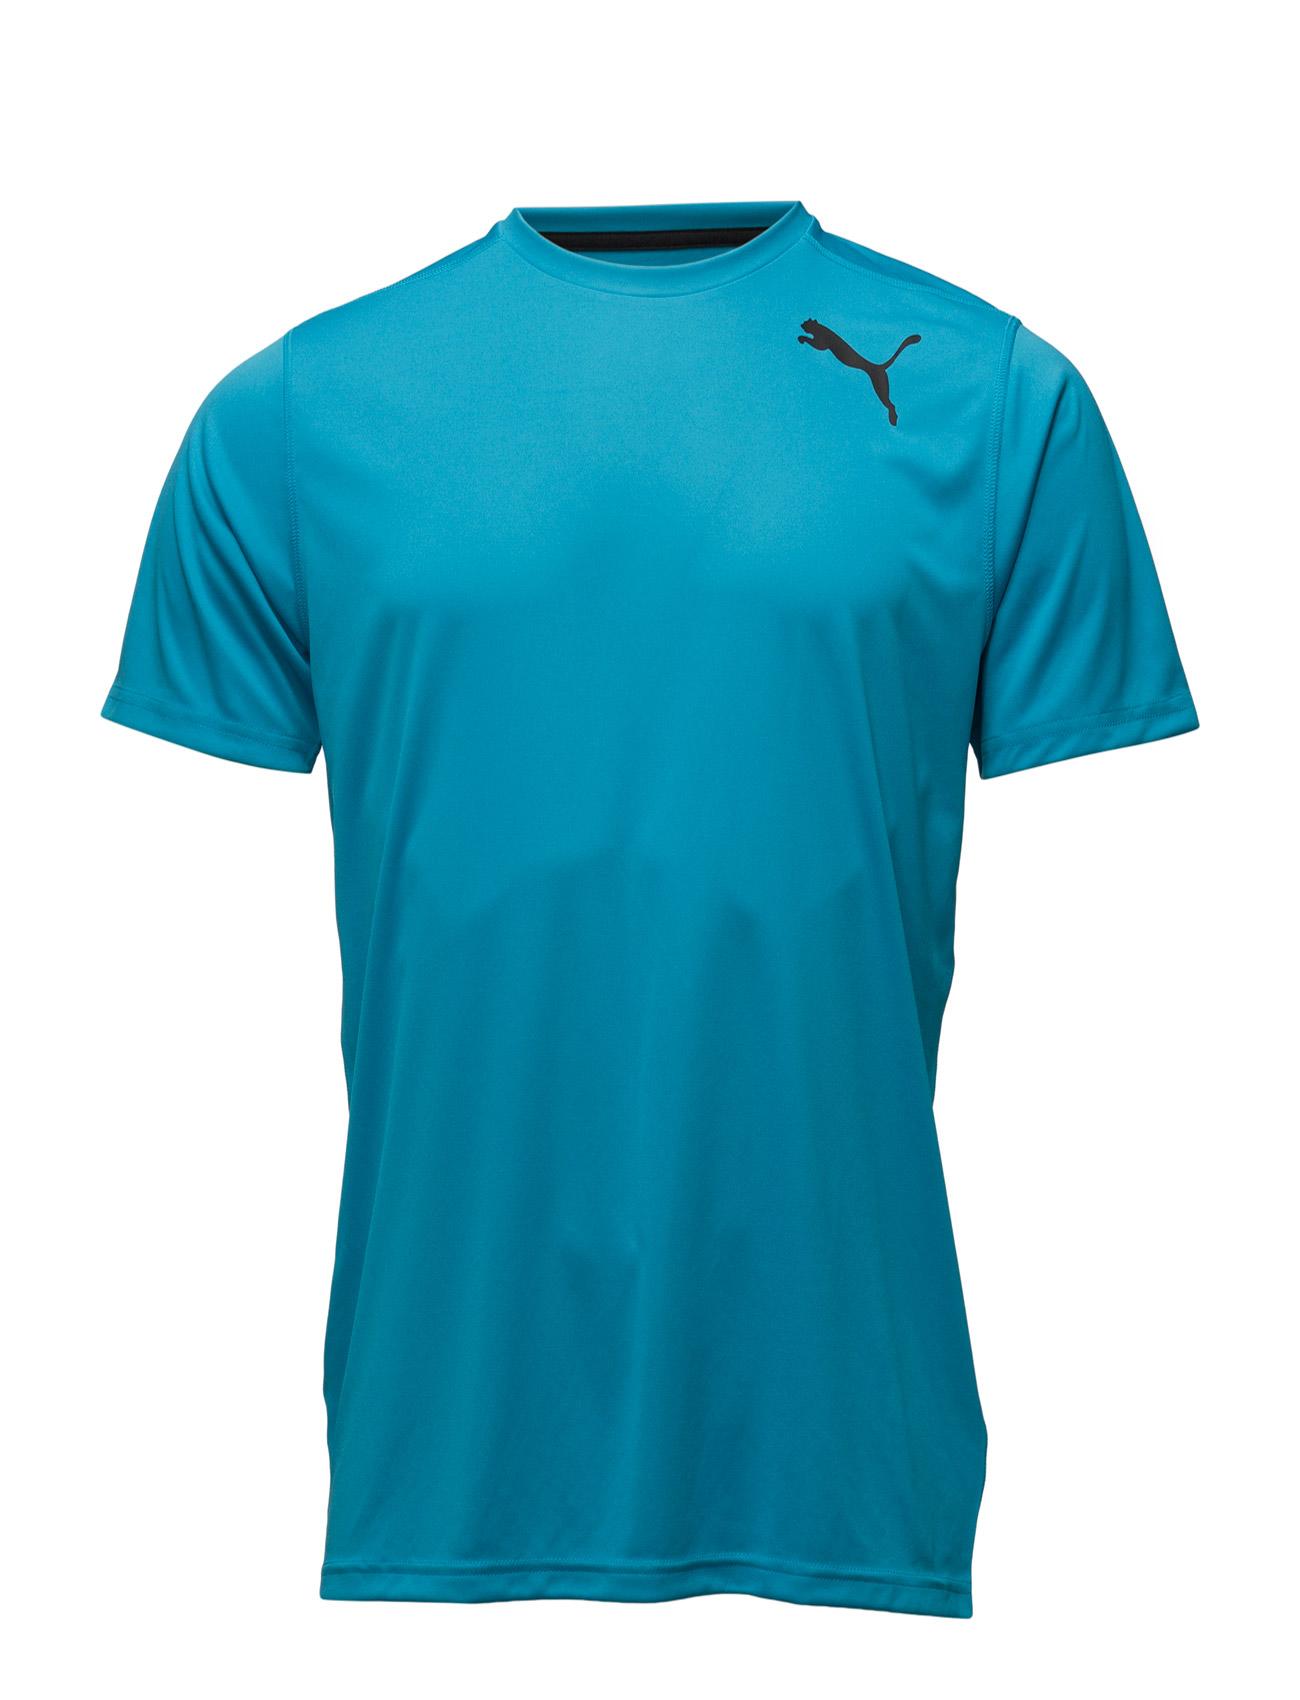 Essential Ss Tee PUMA SPORT Løbe t-shirts til Herrer i